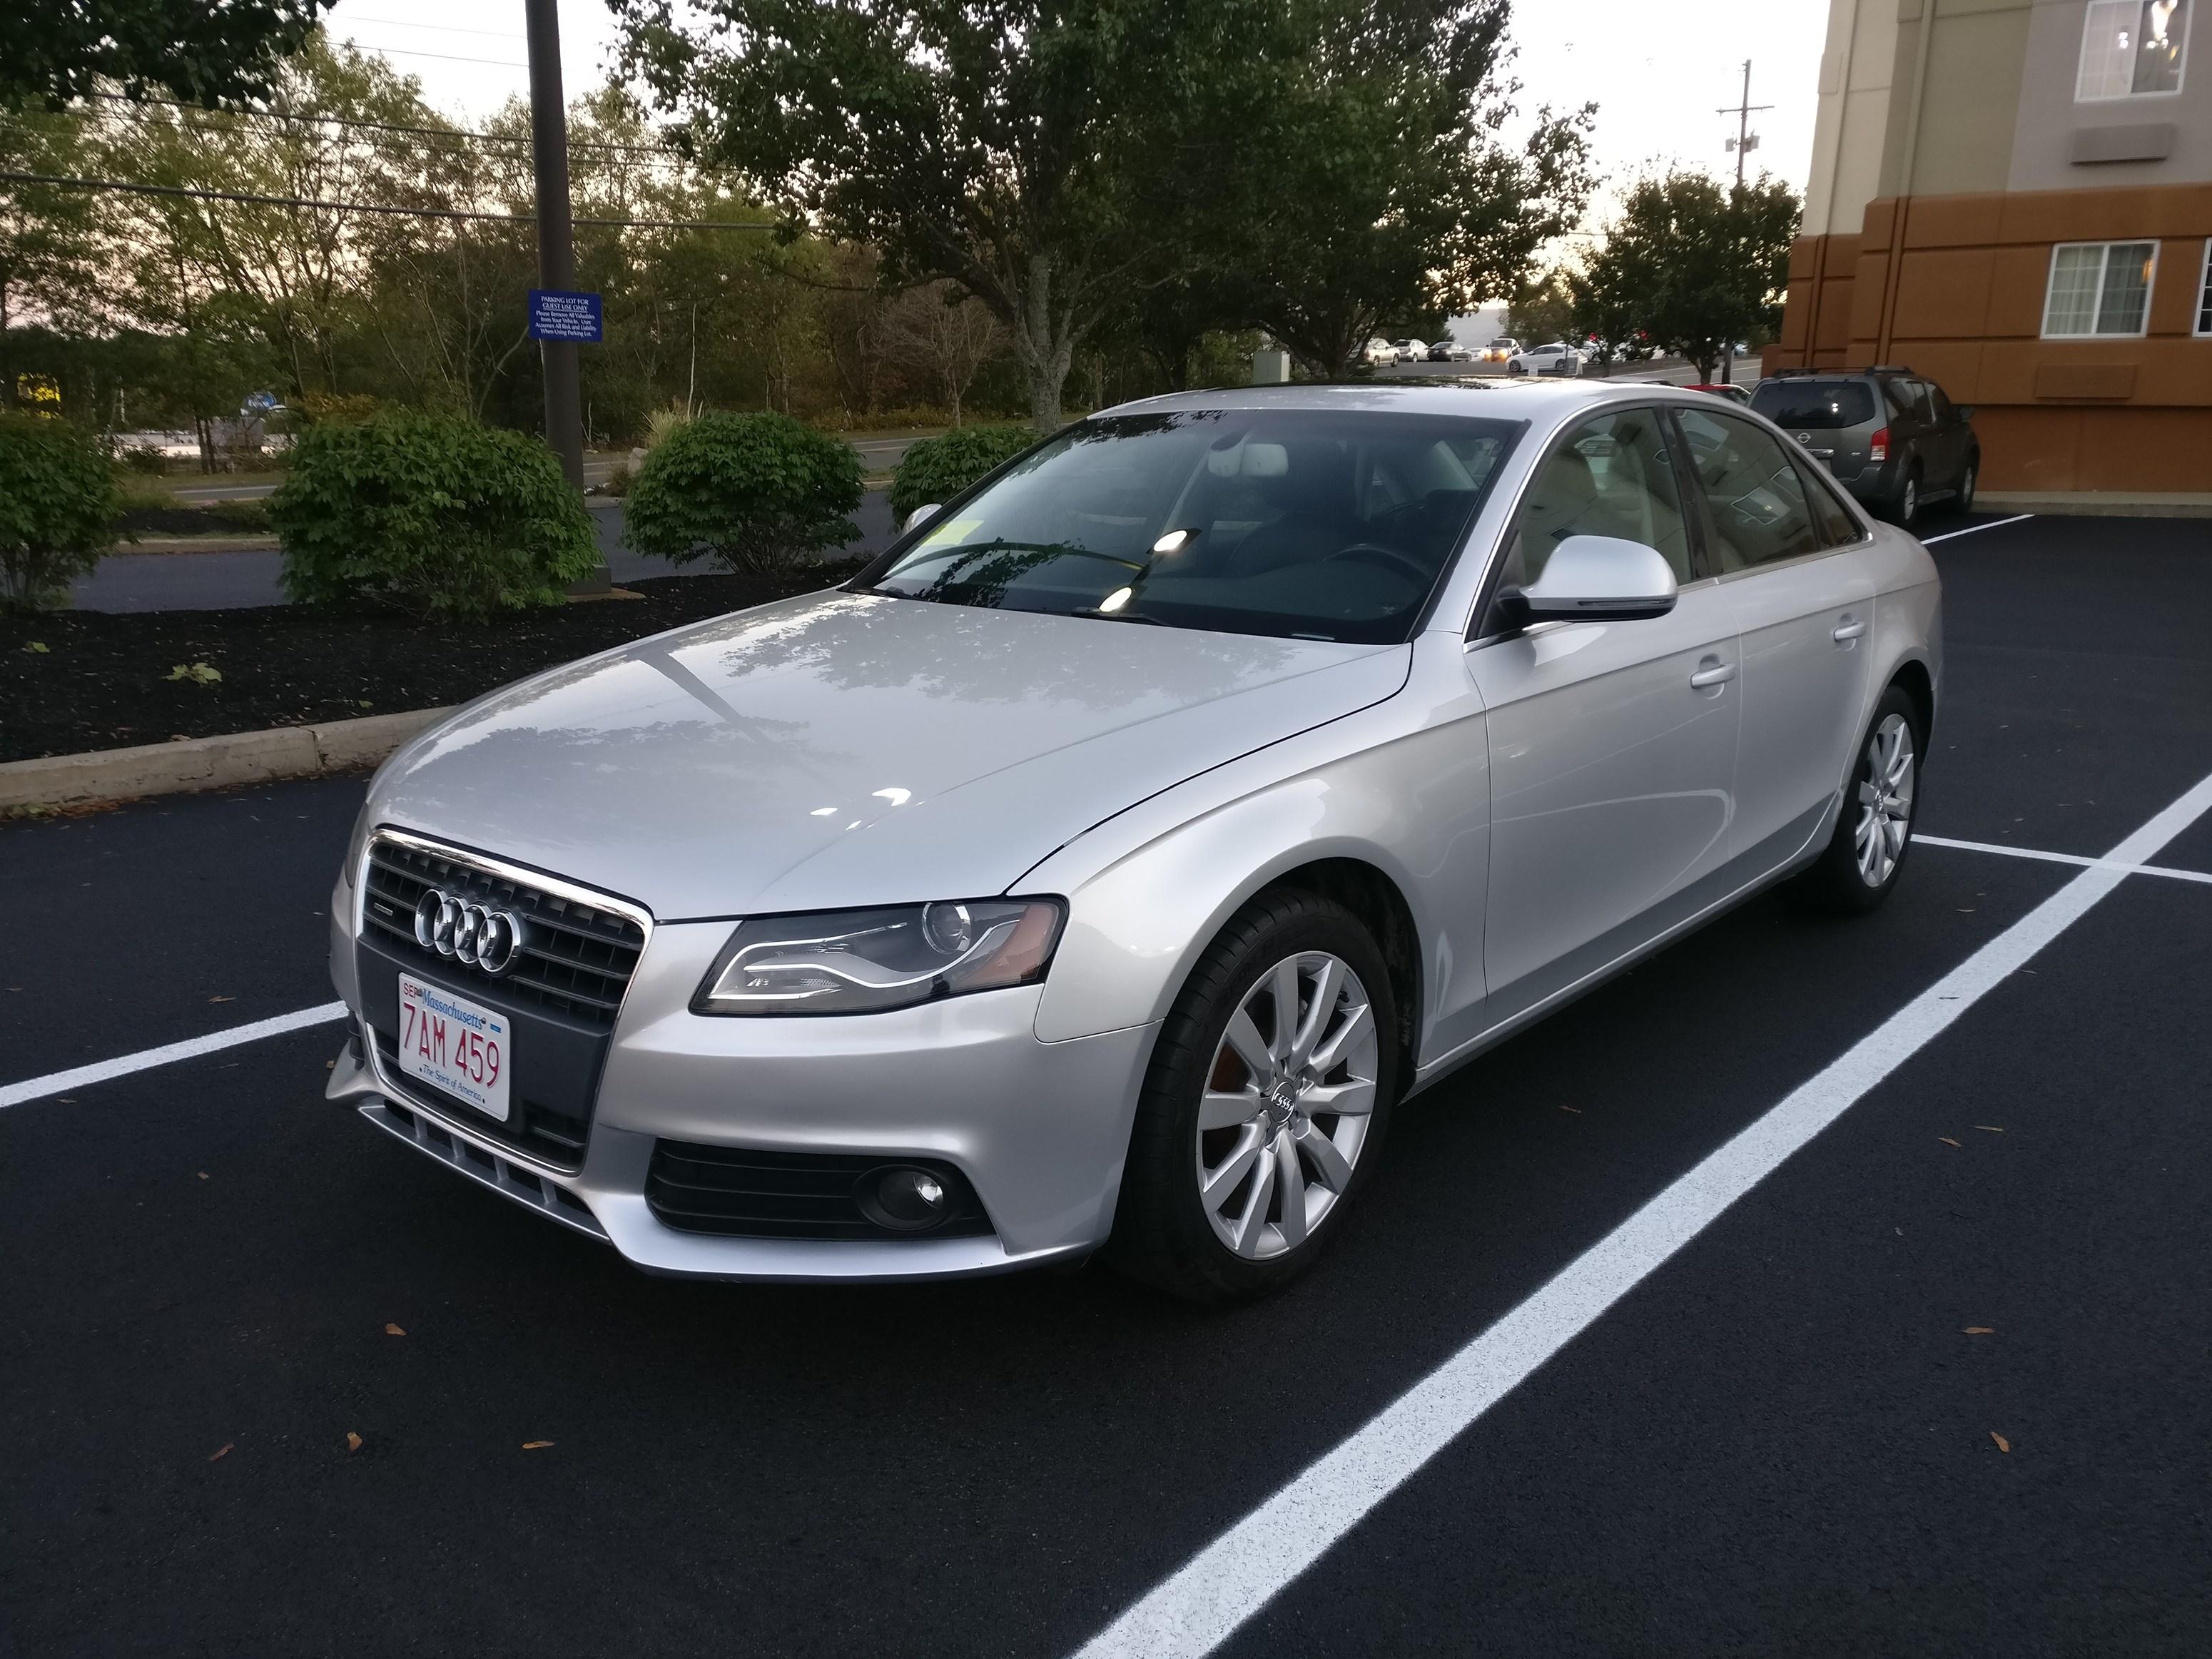 2009 Audi A4 2.0T Premium Plus 67K Miles Excellent Condition $10499 ...